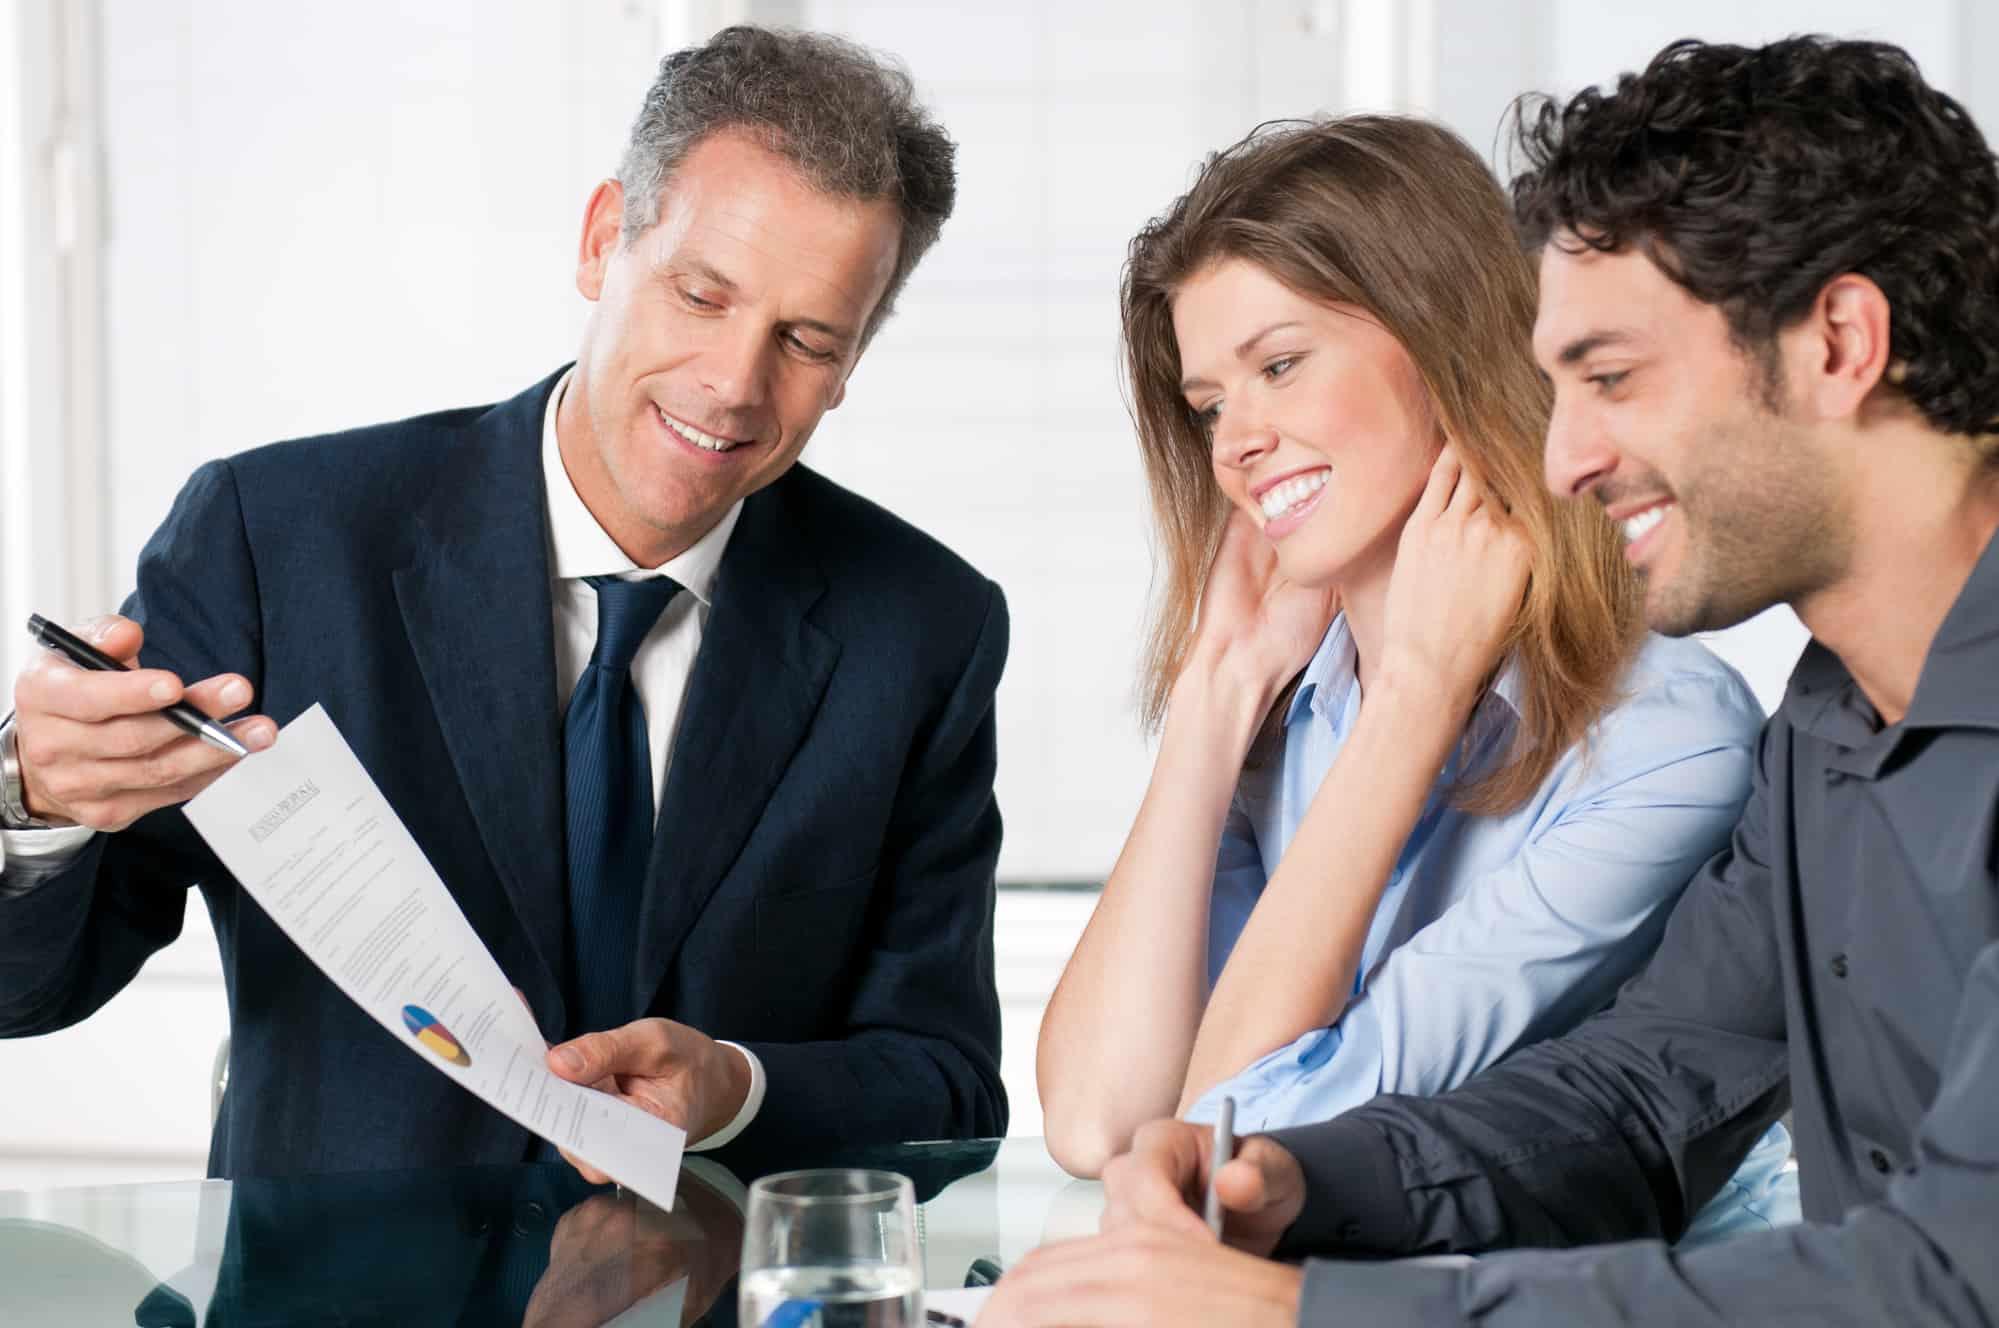 Geschäftliches Gespräch mit 3 Personen